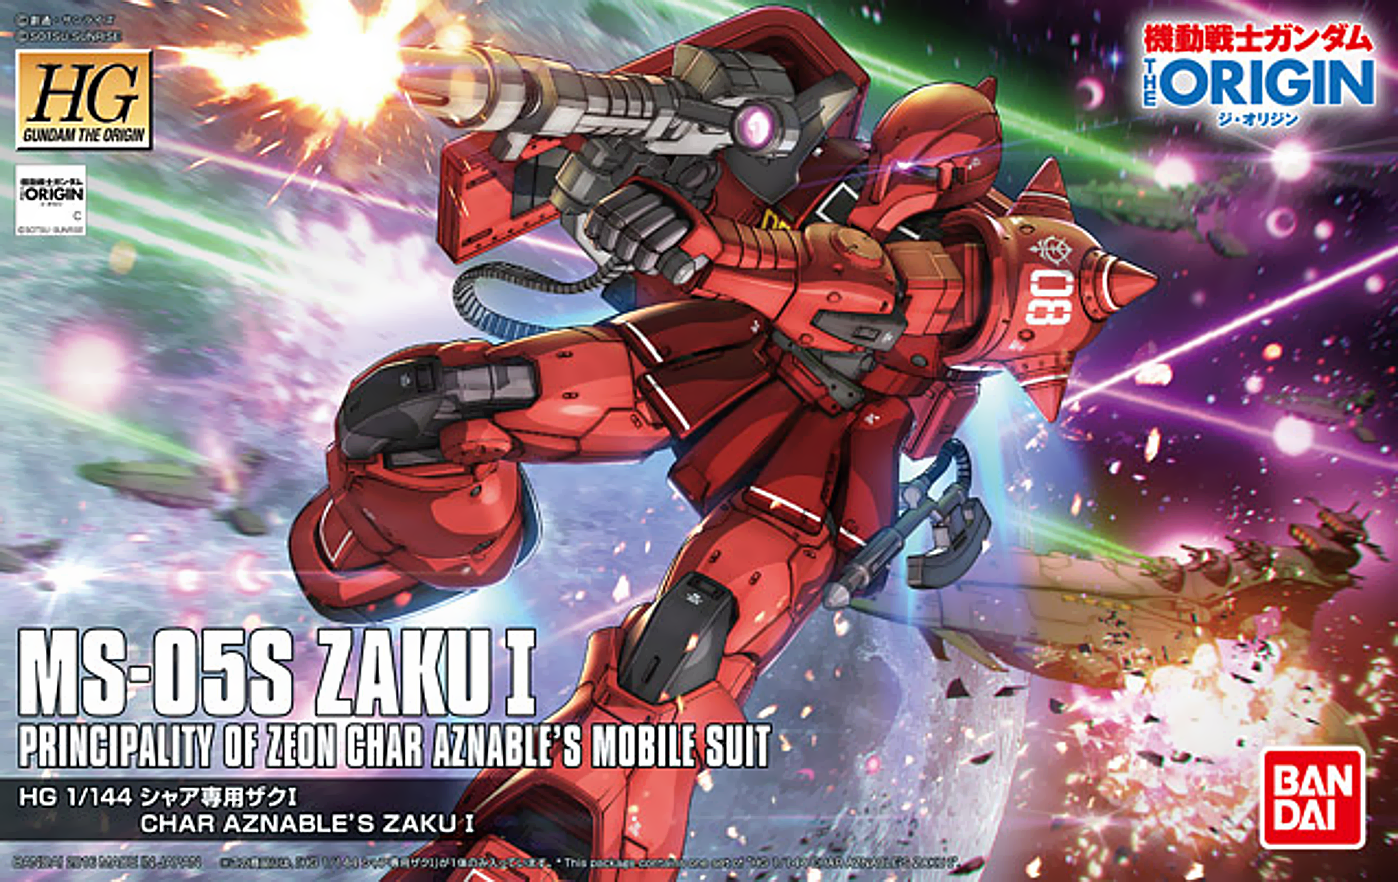 HG 1/144 MS-05S Char's Zaku I